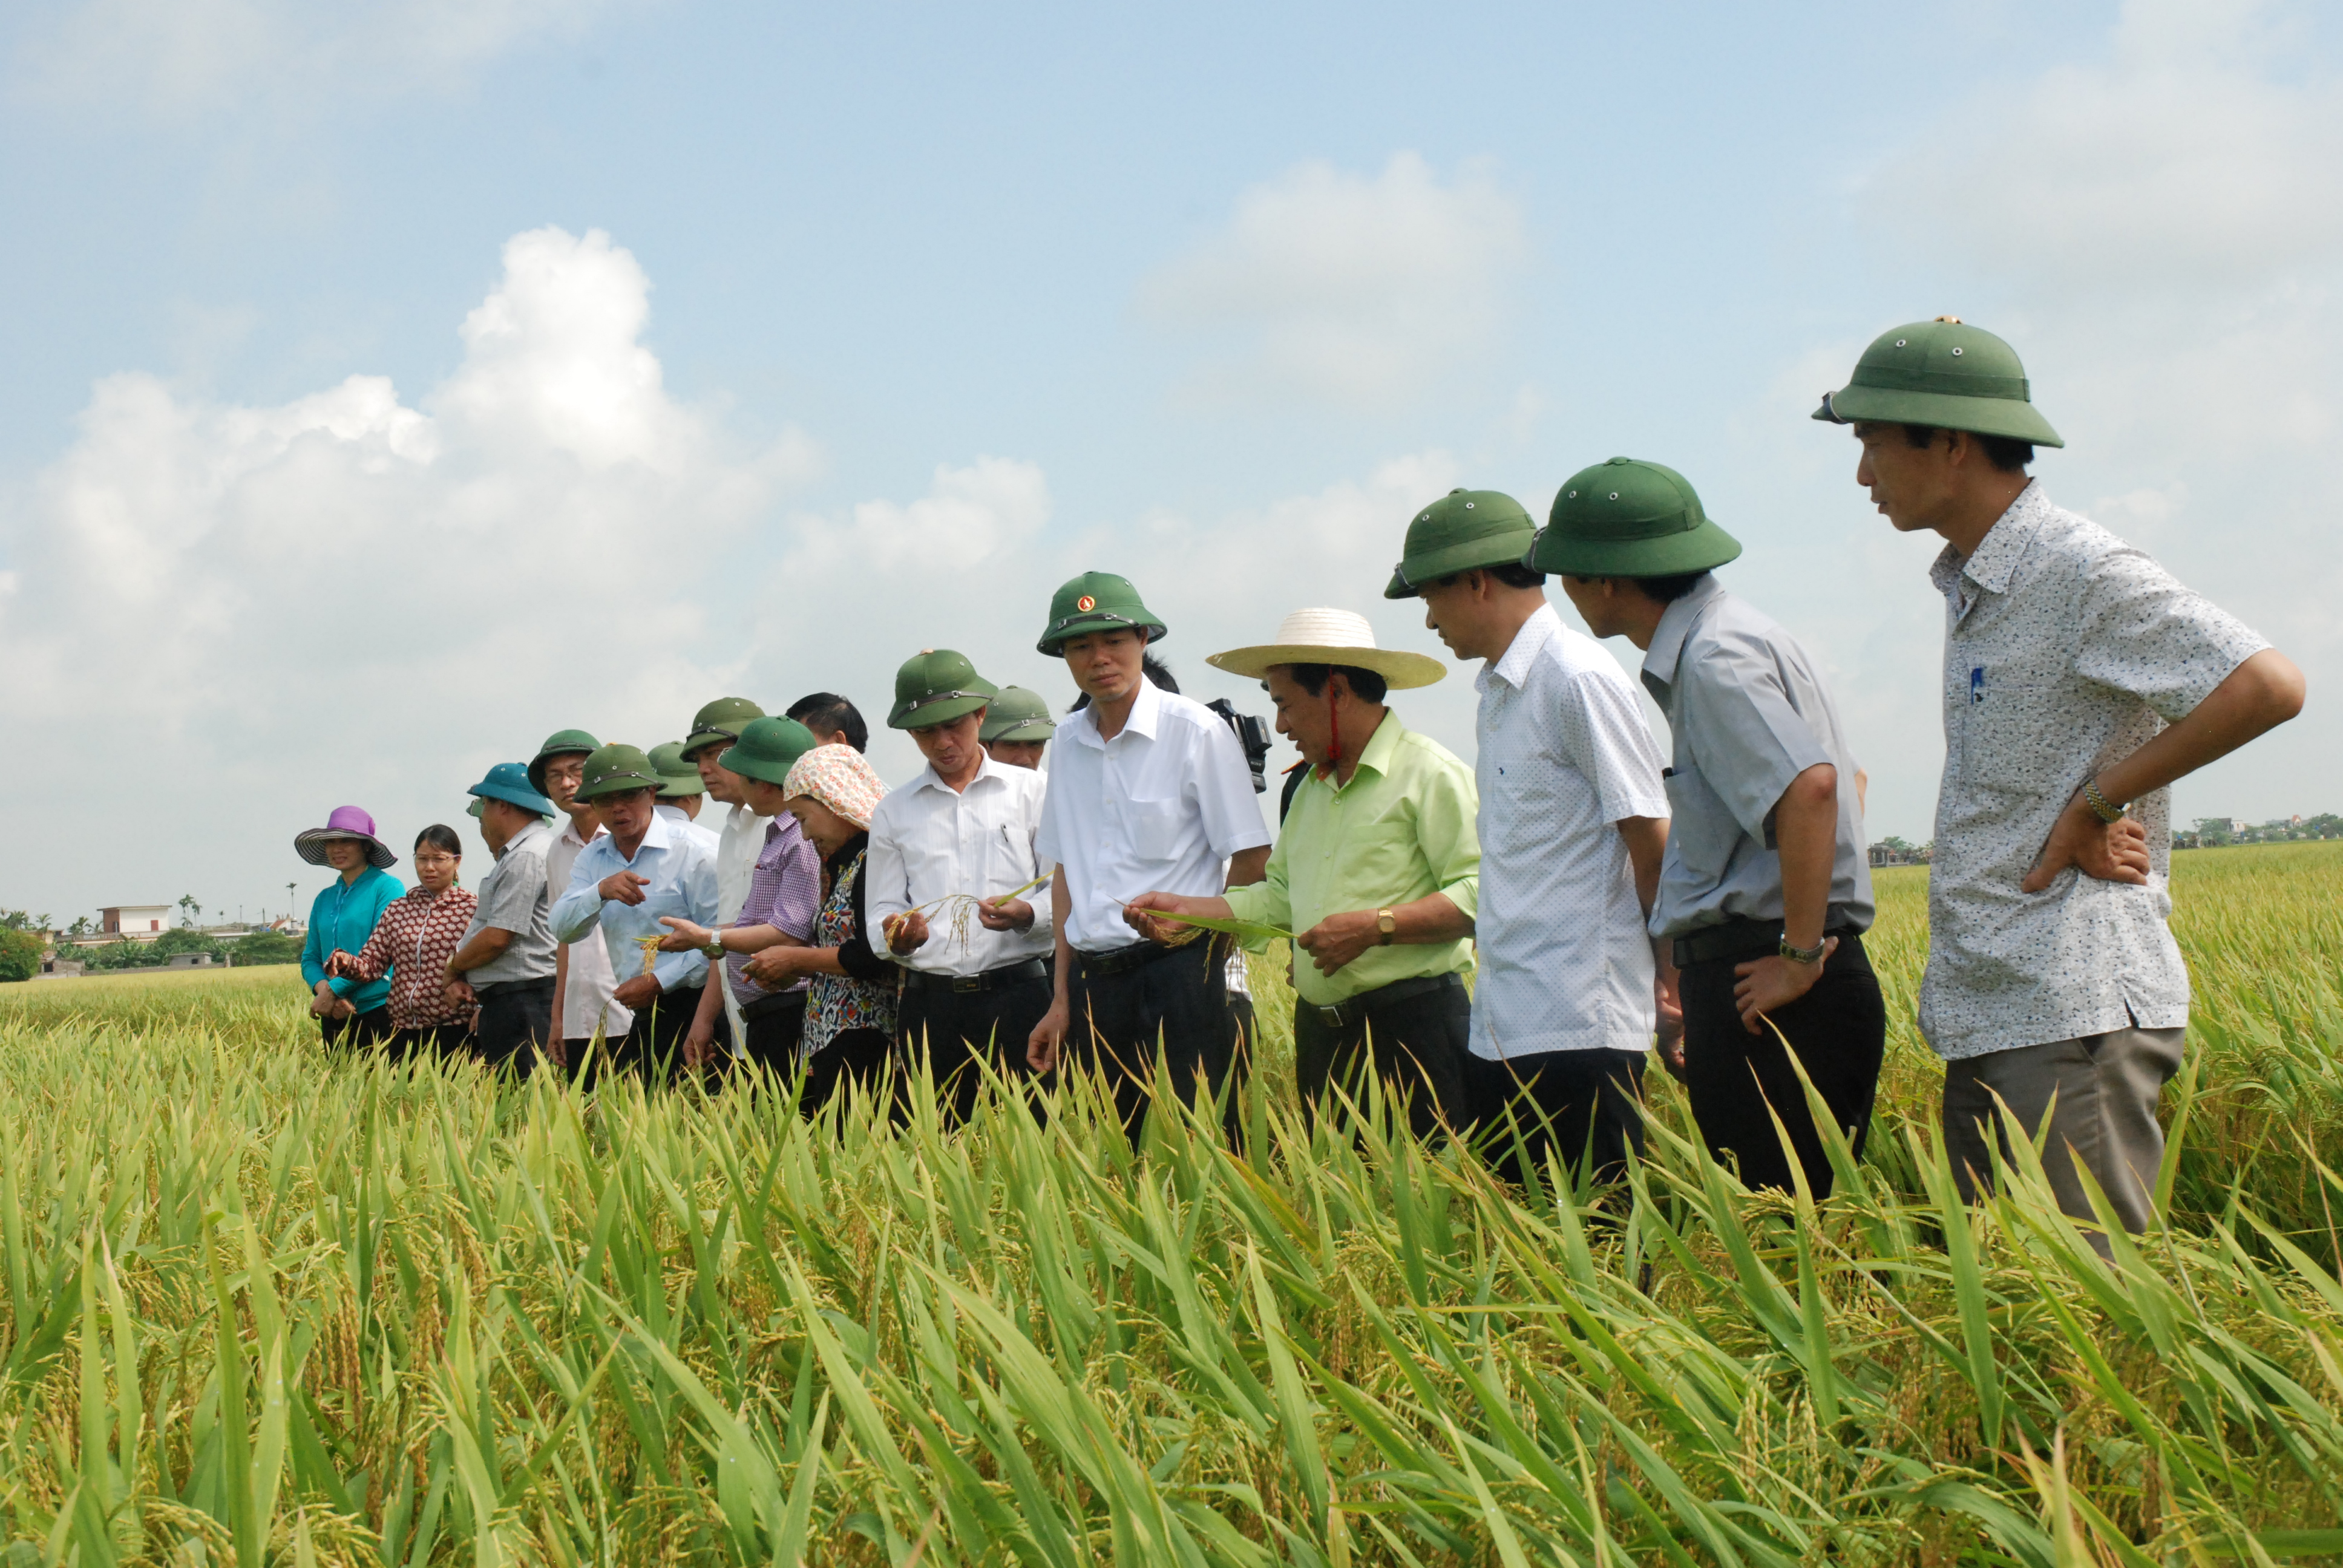 Hình 3. Lãnh đạo huyện thăm đồng và đánh giá năng xuất lúa